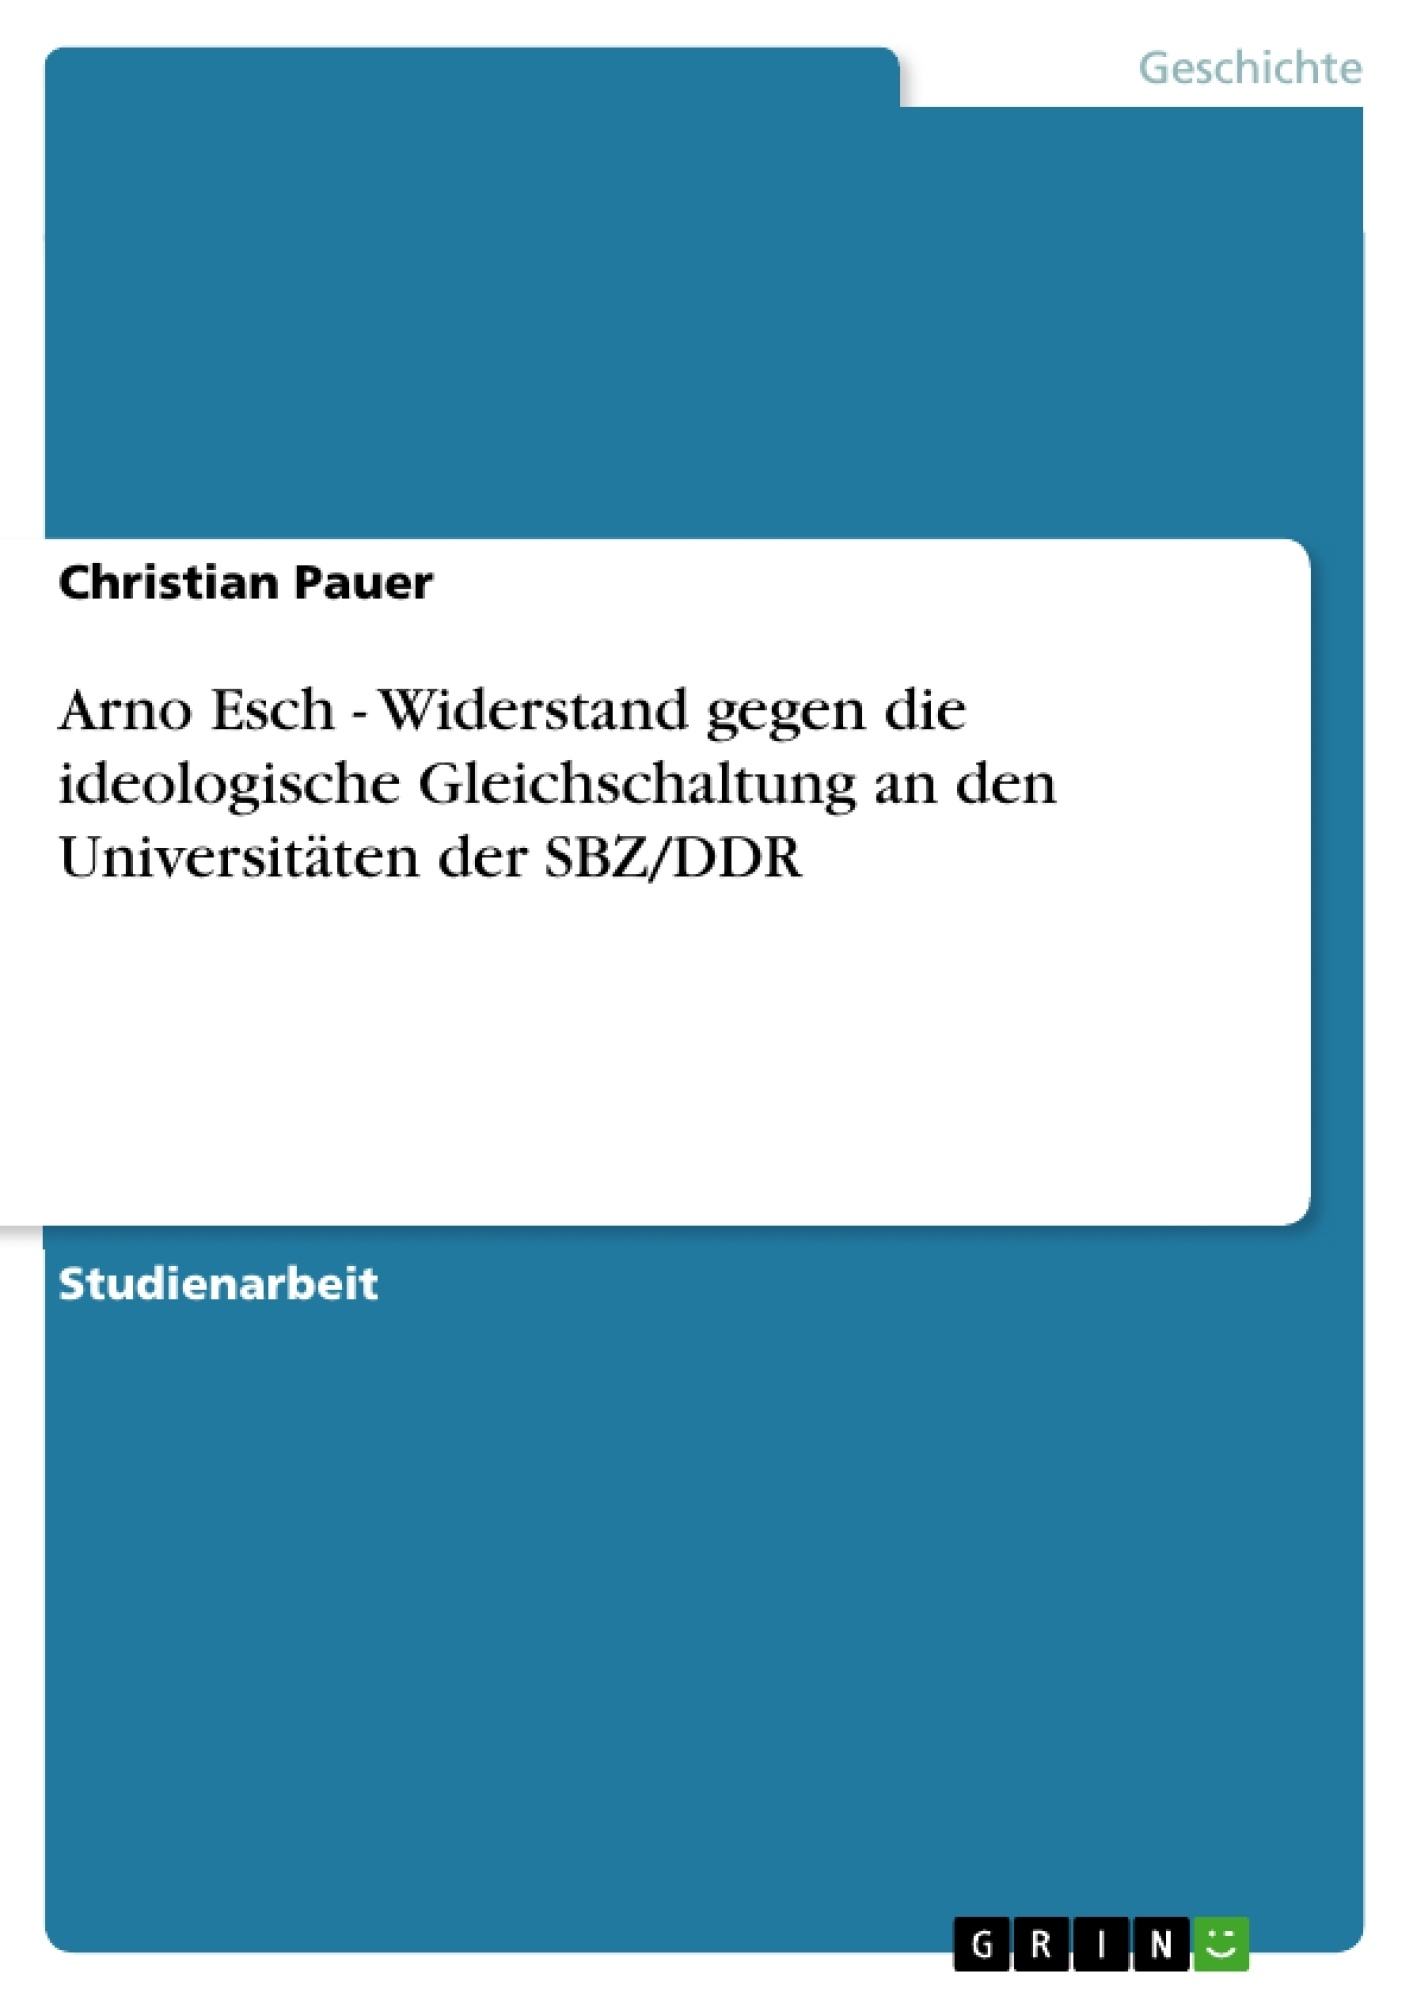 Titel: Arno Esch - Widerstand gegen die ideologische Gleichschaltung an den Universitäten der SBZ/DDR